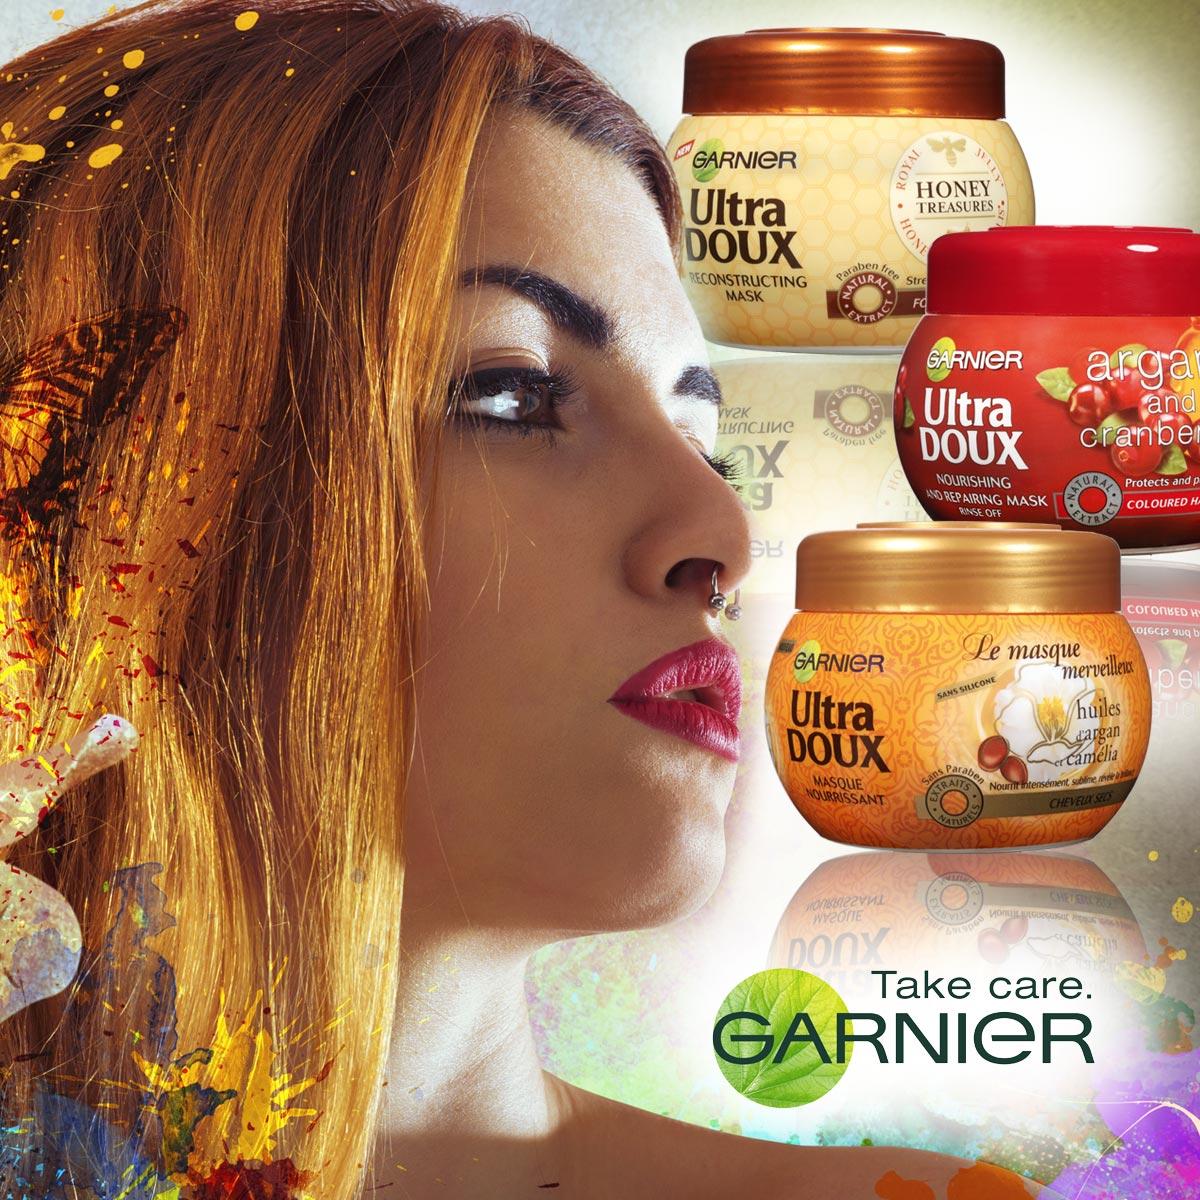 Masky na vlasy Garnier Ultra Doux jsou novinkou léta 2014.